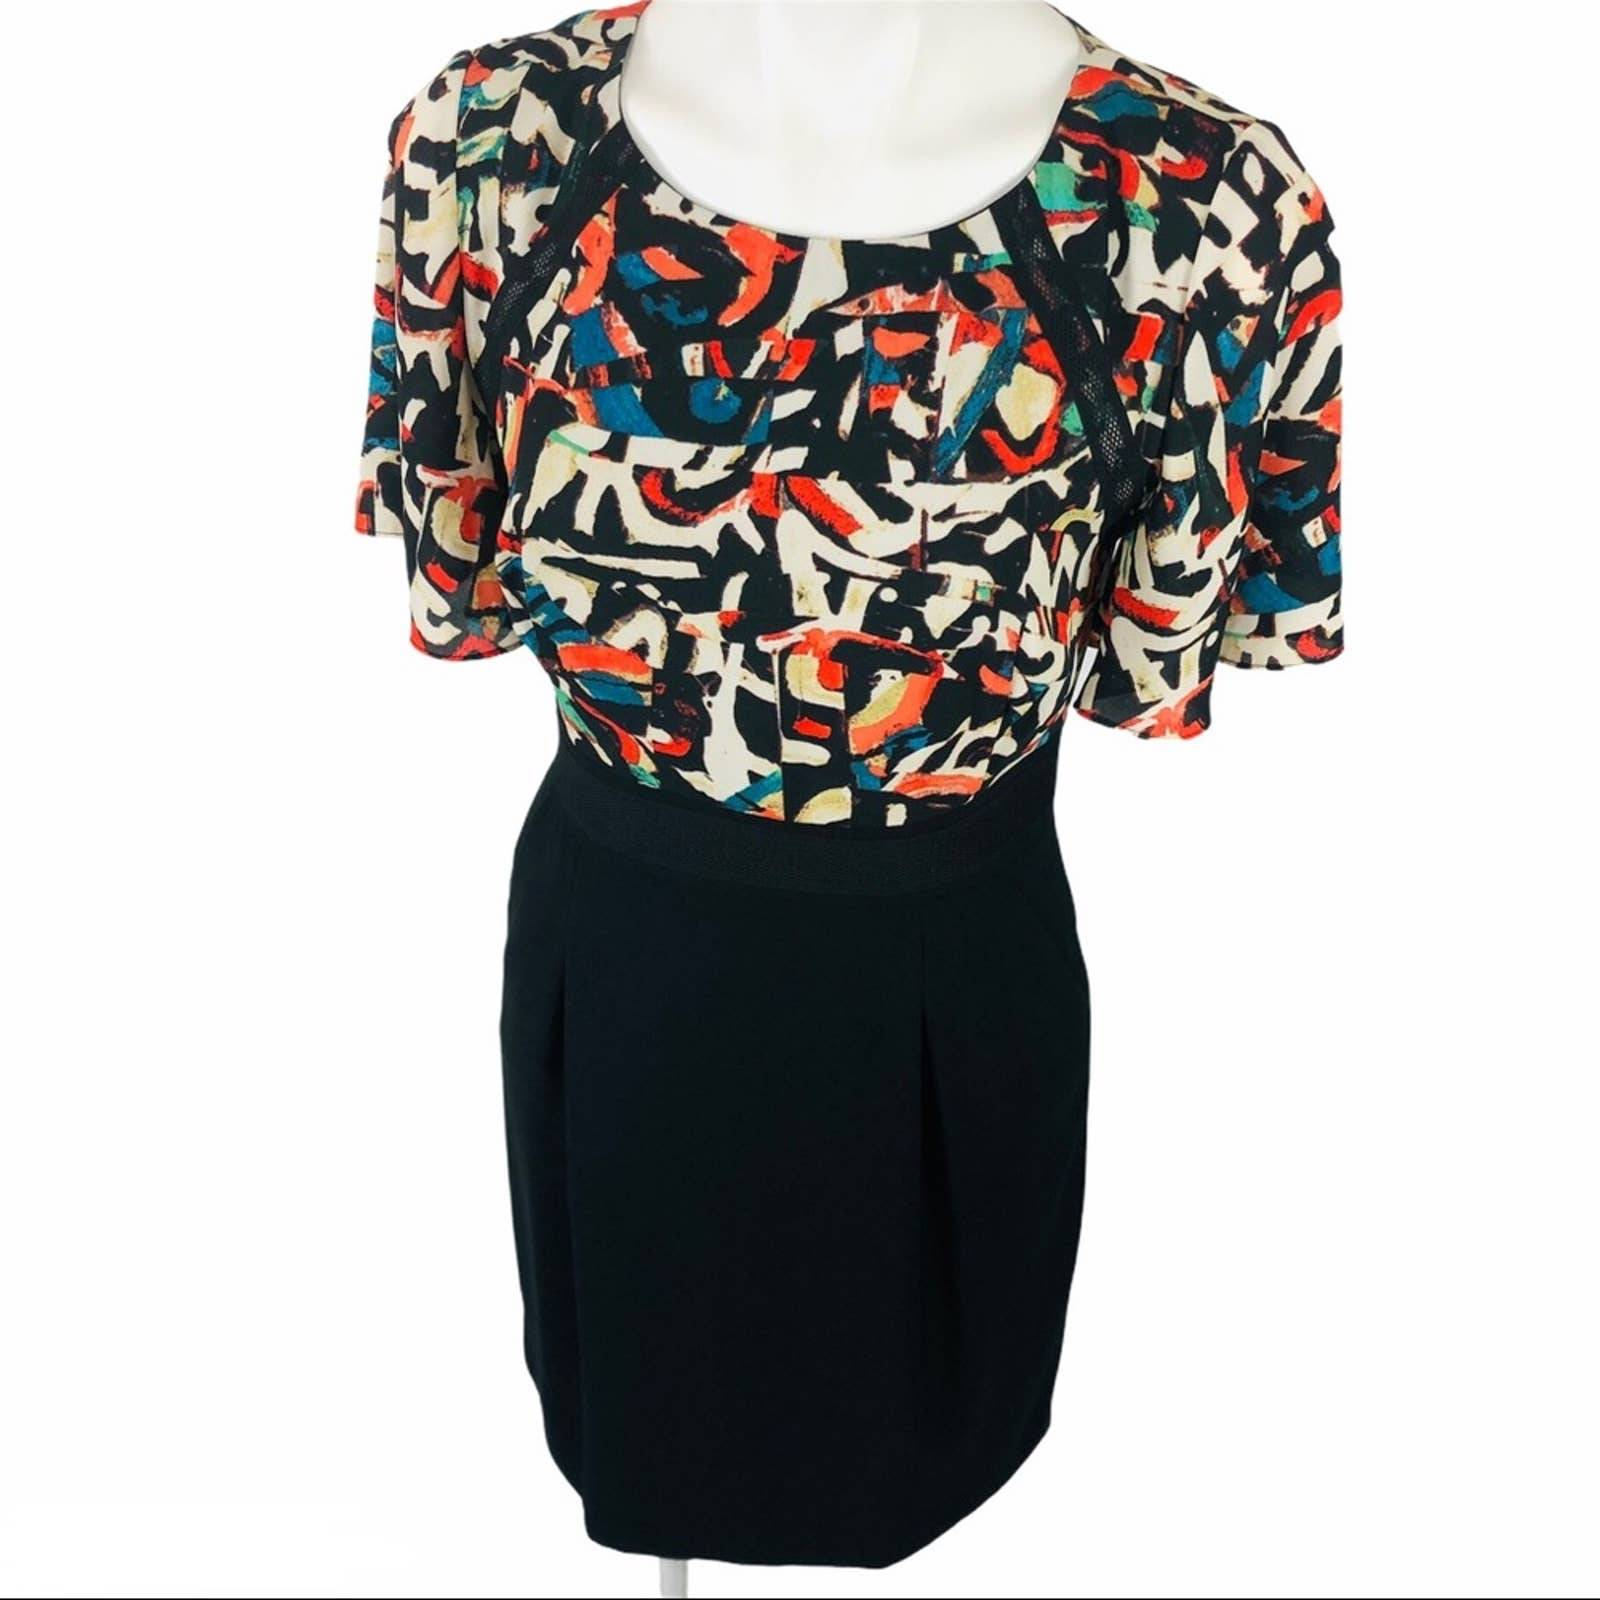 Tahari A-Line Dress Size 6P Black